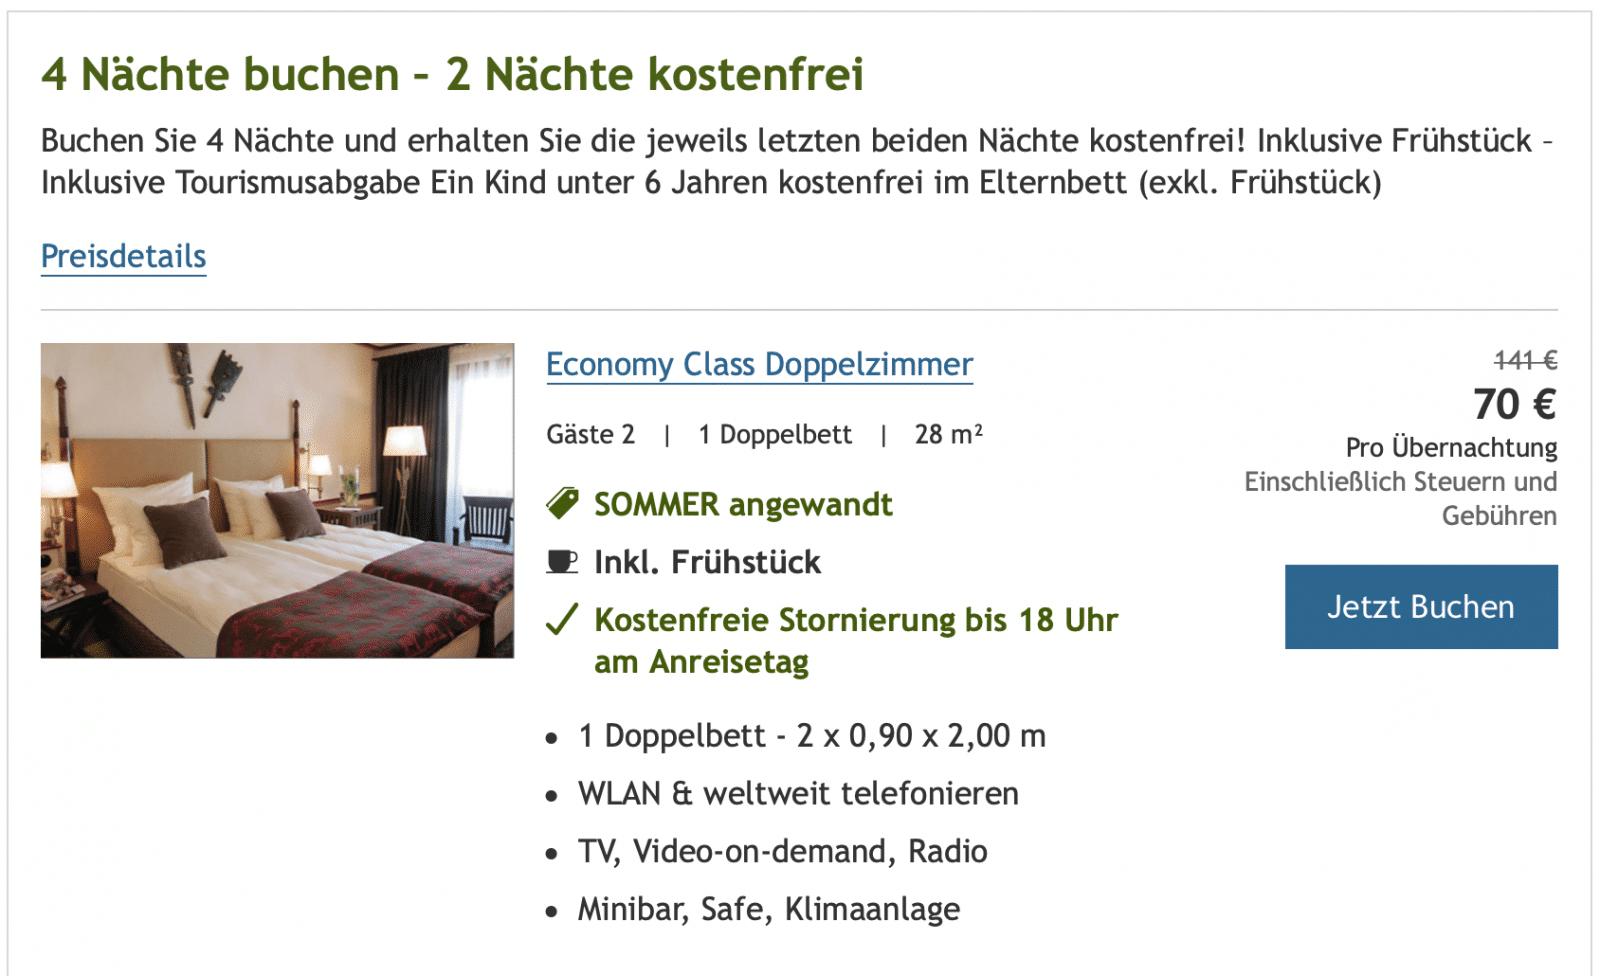 Lindner Hotels Promo